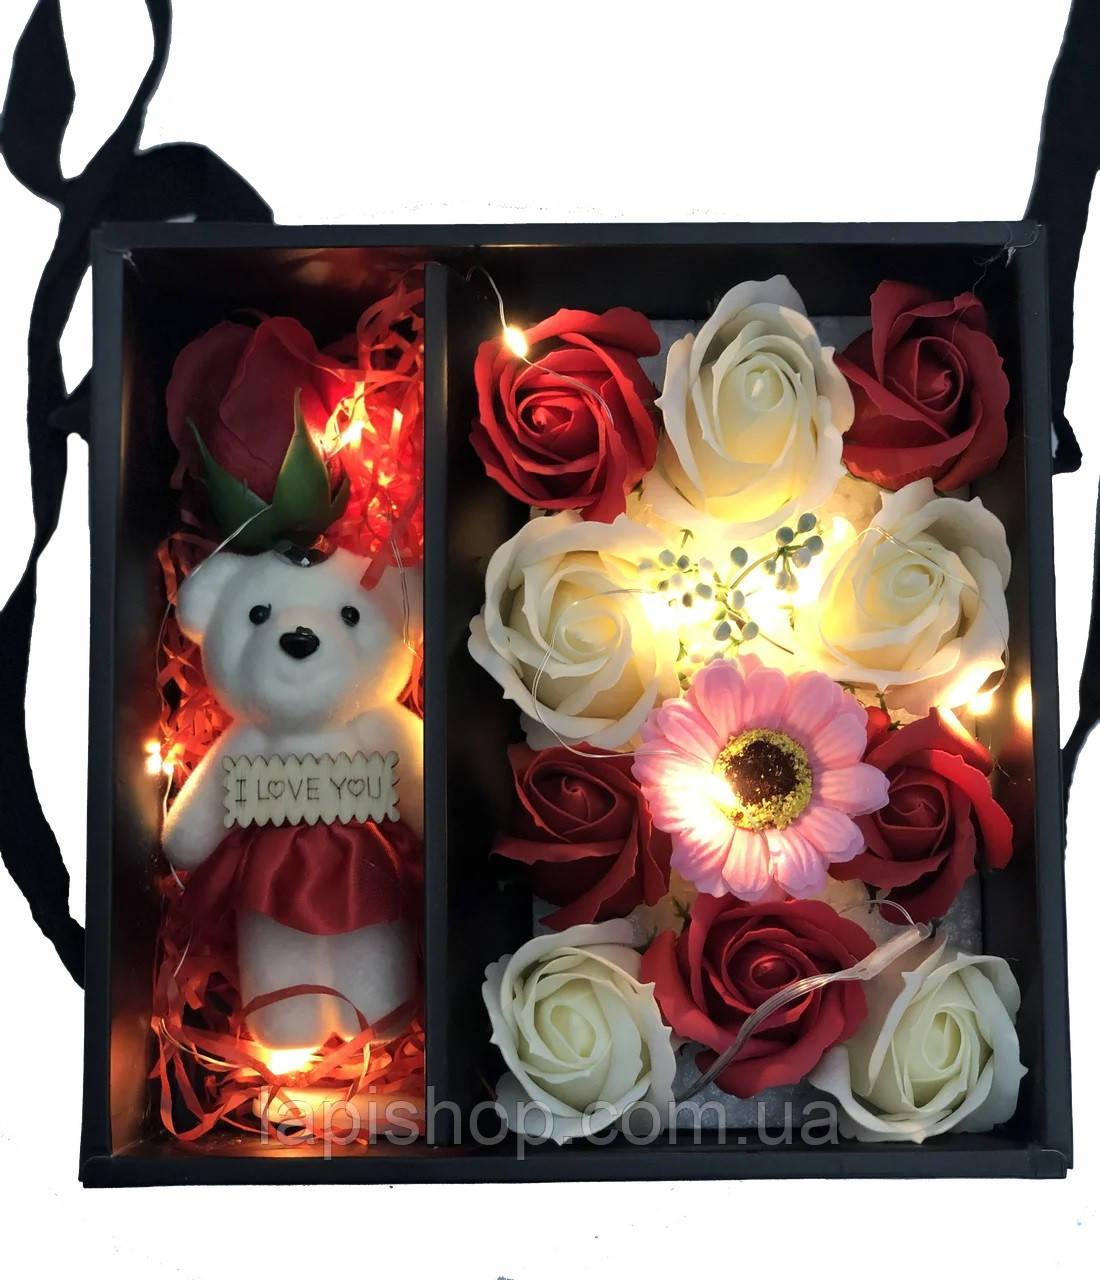 Подарочный набор I Love You с мишкой и мыла из роз XY19-79